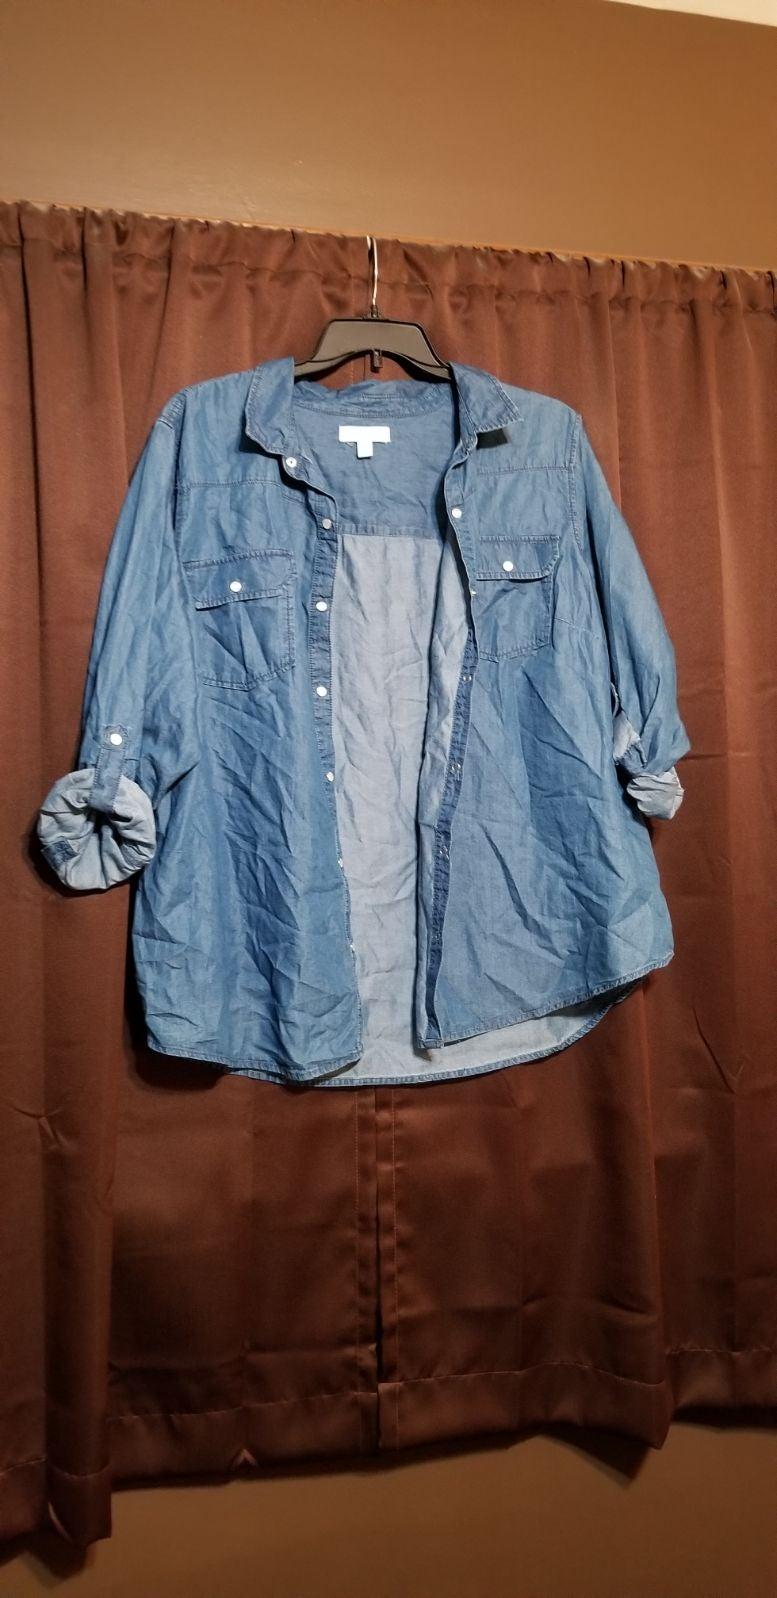 3XL Denim Shirt